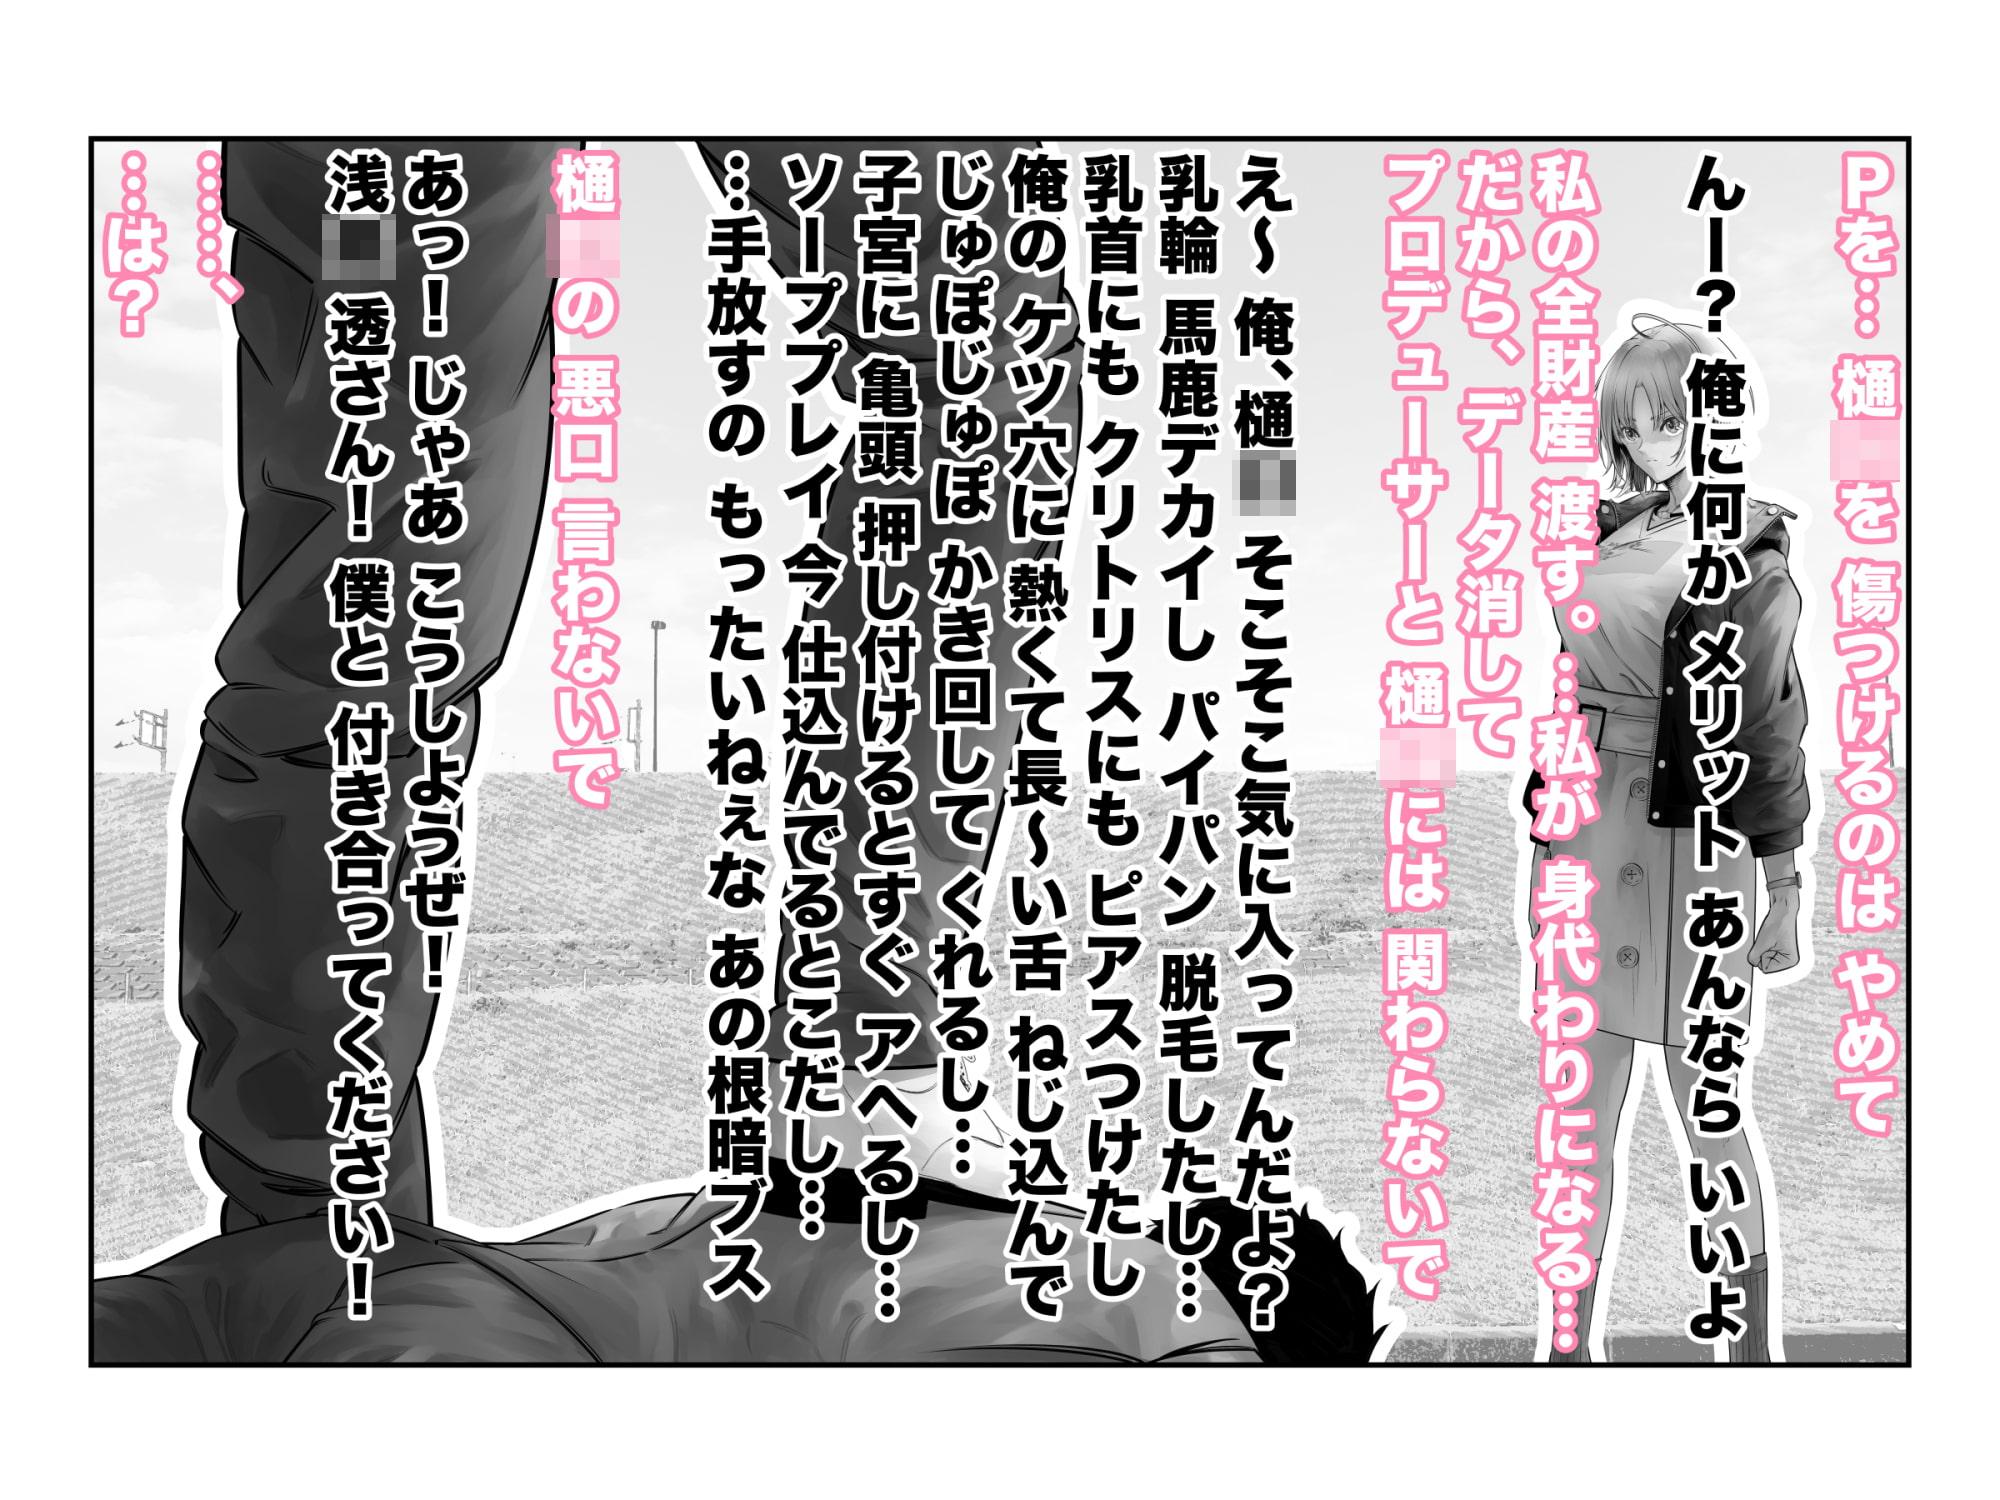 -浅▲透-身代わり強制メス媚び【同人エロ漫画】(つちくだマテリアル)8